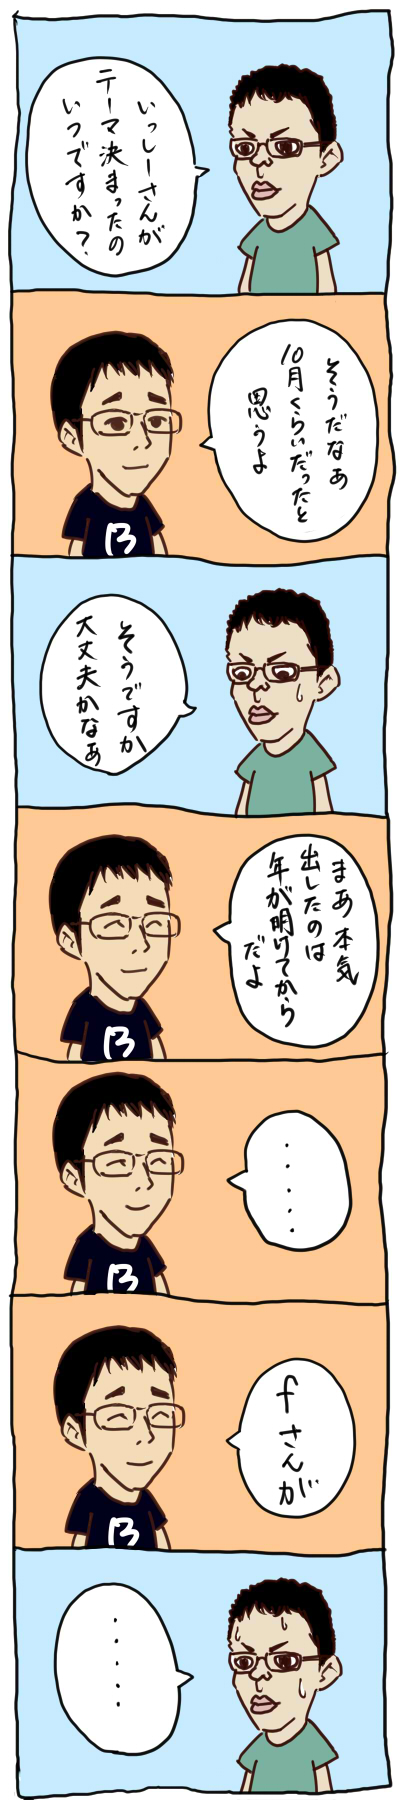 f_san_do.jpg